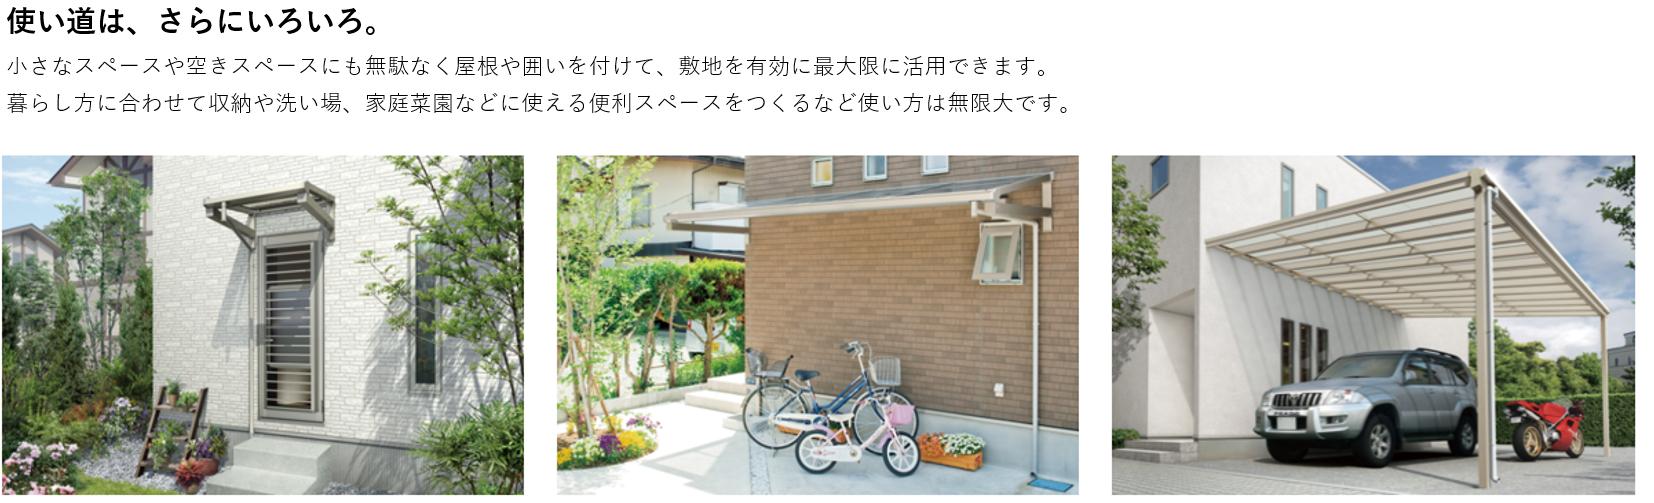 使い道は、さらにいろいろ。 小さいスペースや空きスペースにも無駄なく屋根や囲いを付けて、敷地を有効に最大限に活用できます。暮らし方に合わせて収納や洗い場、家庭菜園などにも使える便利スペースをつくるなど使い方は無限大です。